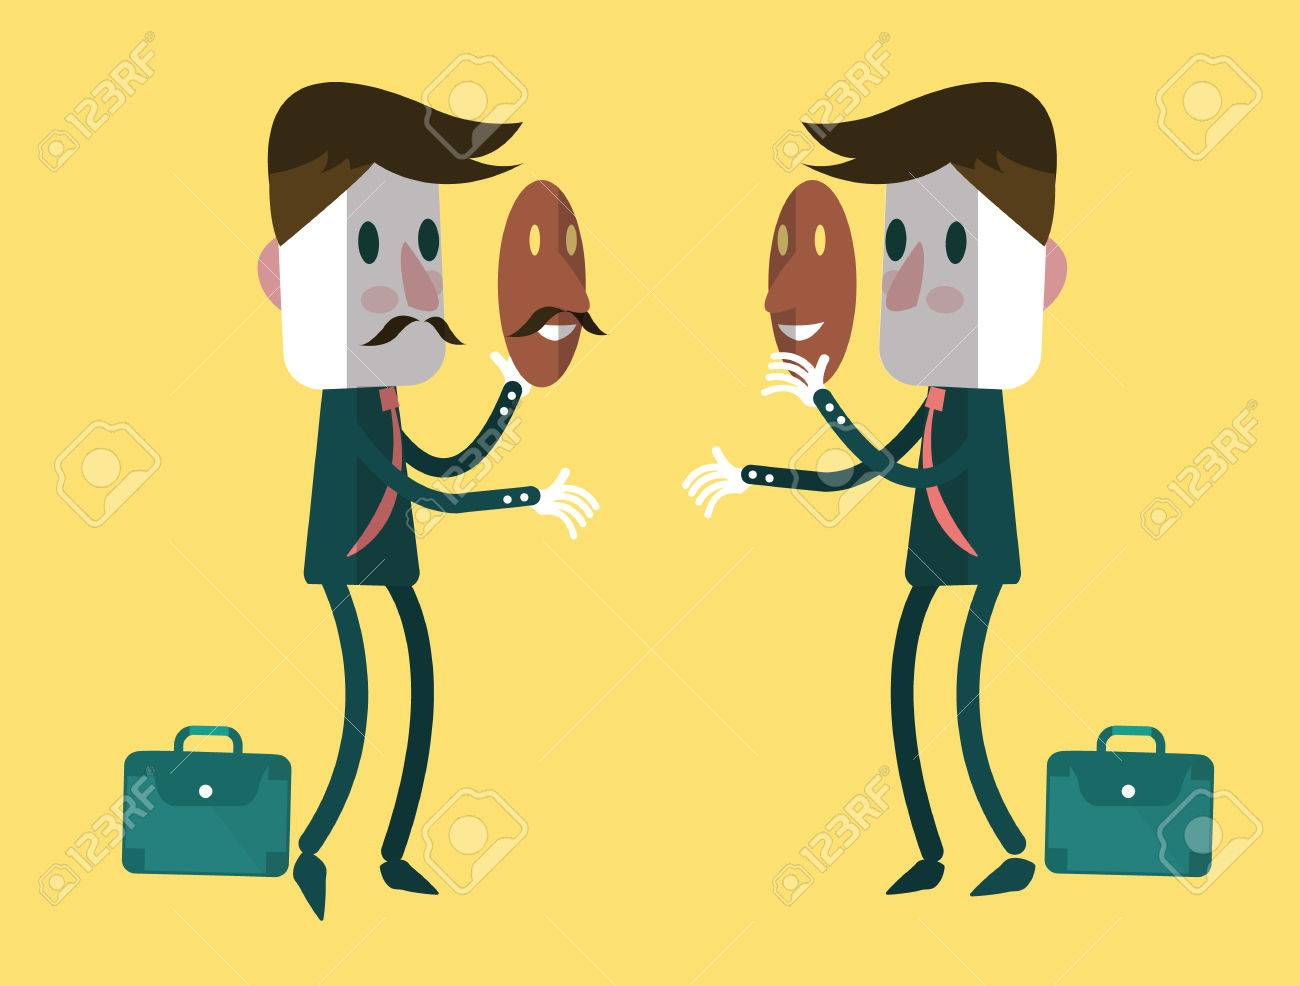 Fake businessmen wearing smile mask Business concept vector illustration - 30651262